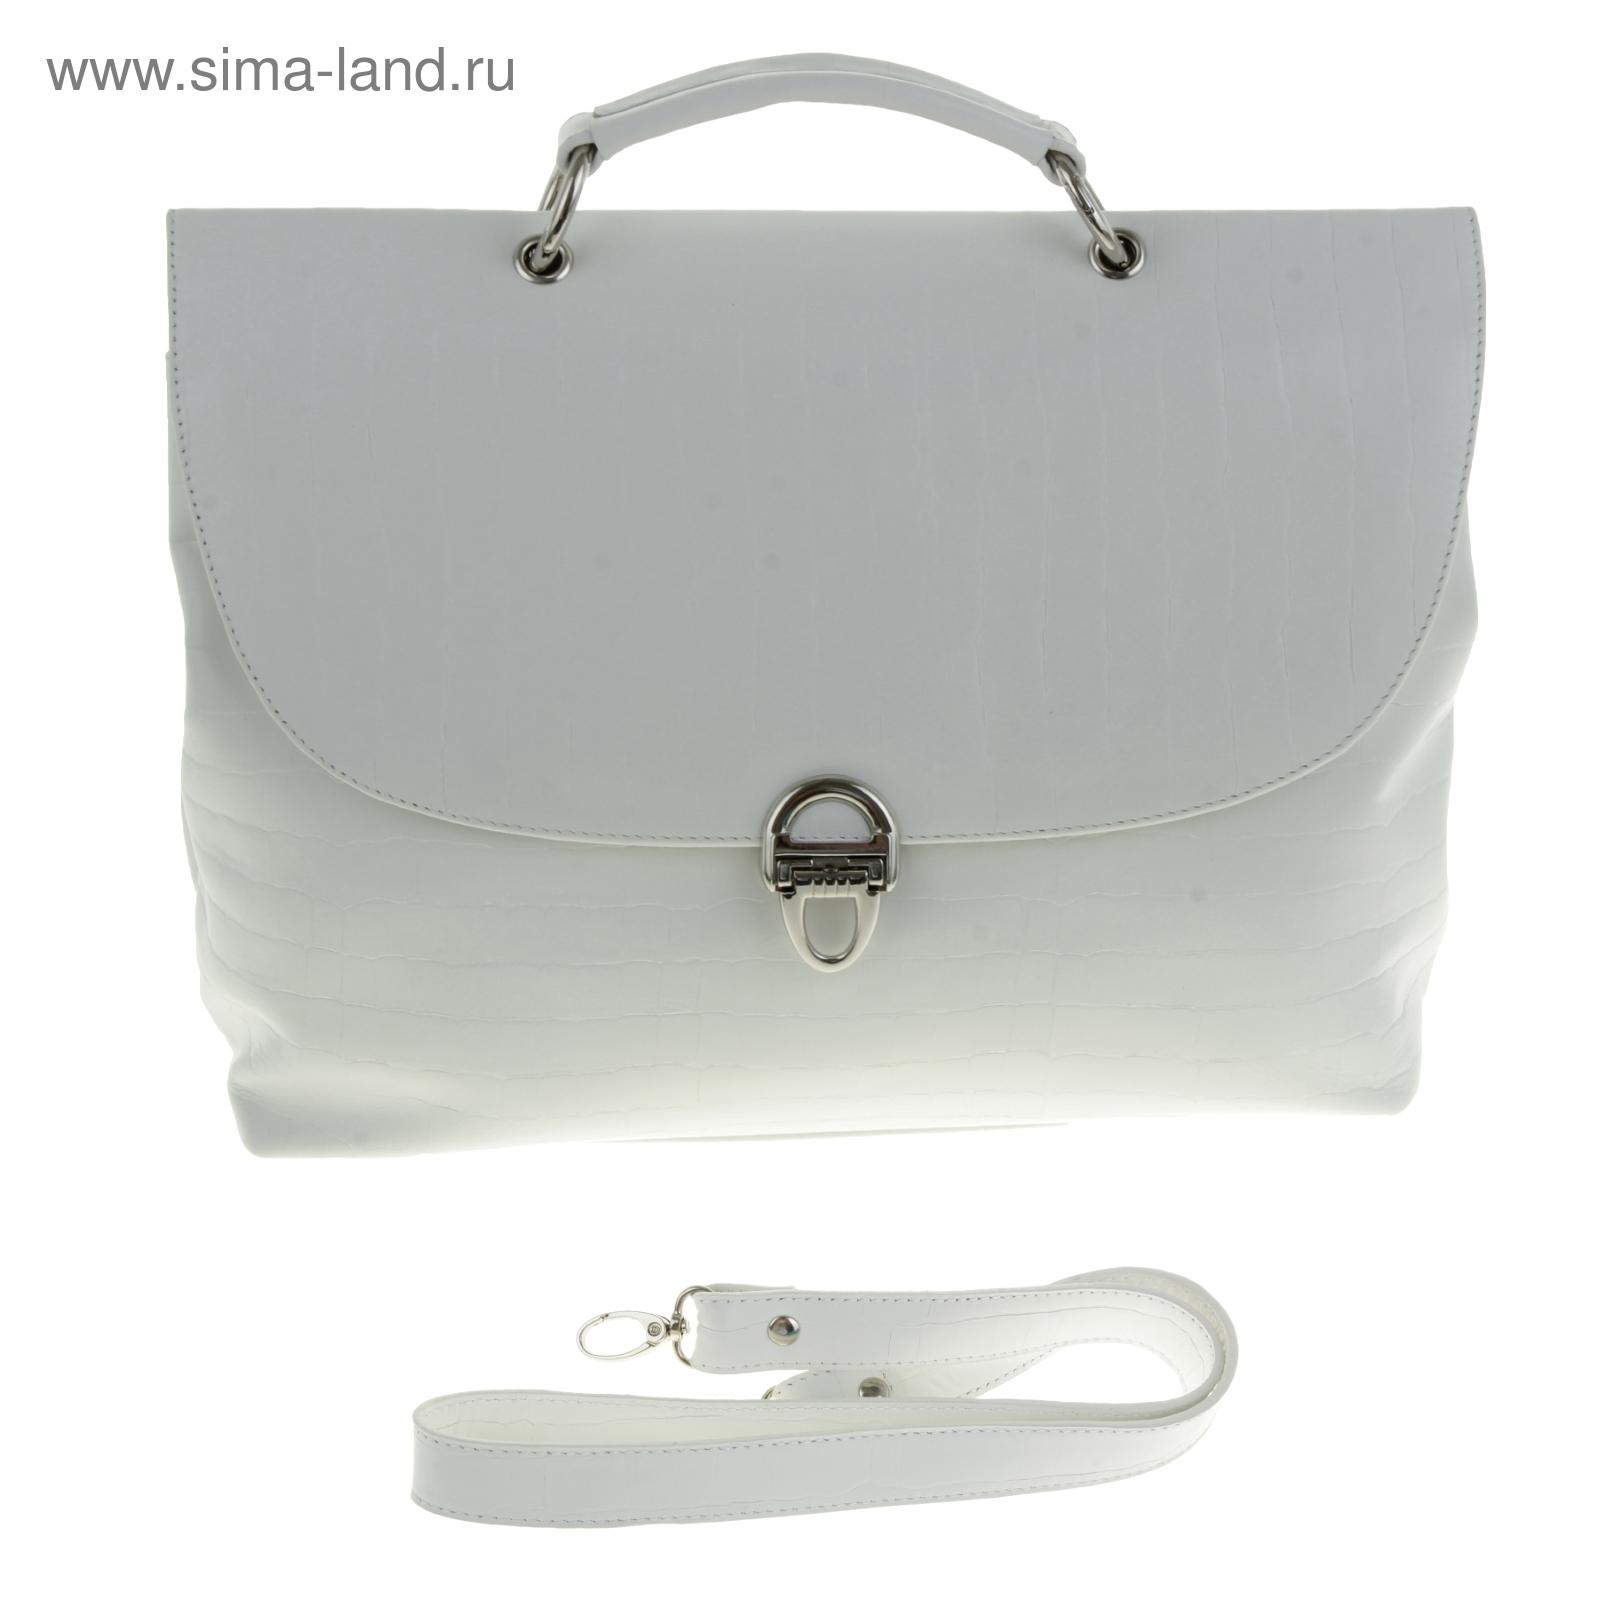 cd52f6018876 Сумка женская, мягкий белый портфель (599968) - Купить по цене от ...